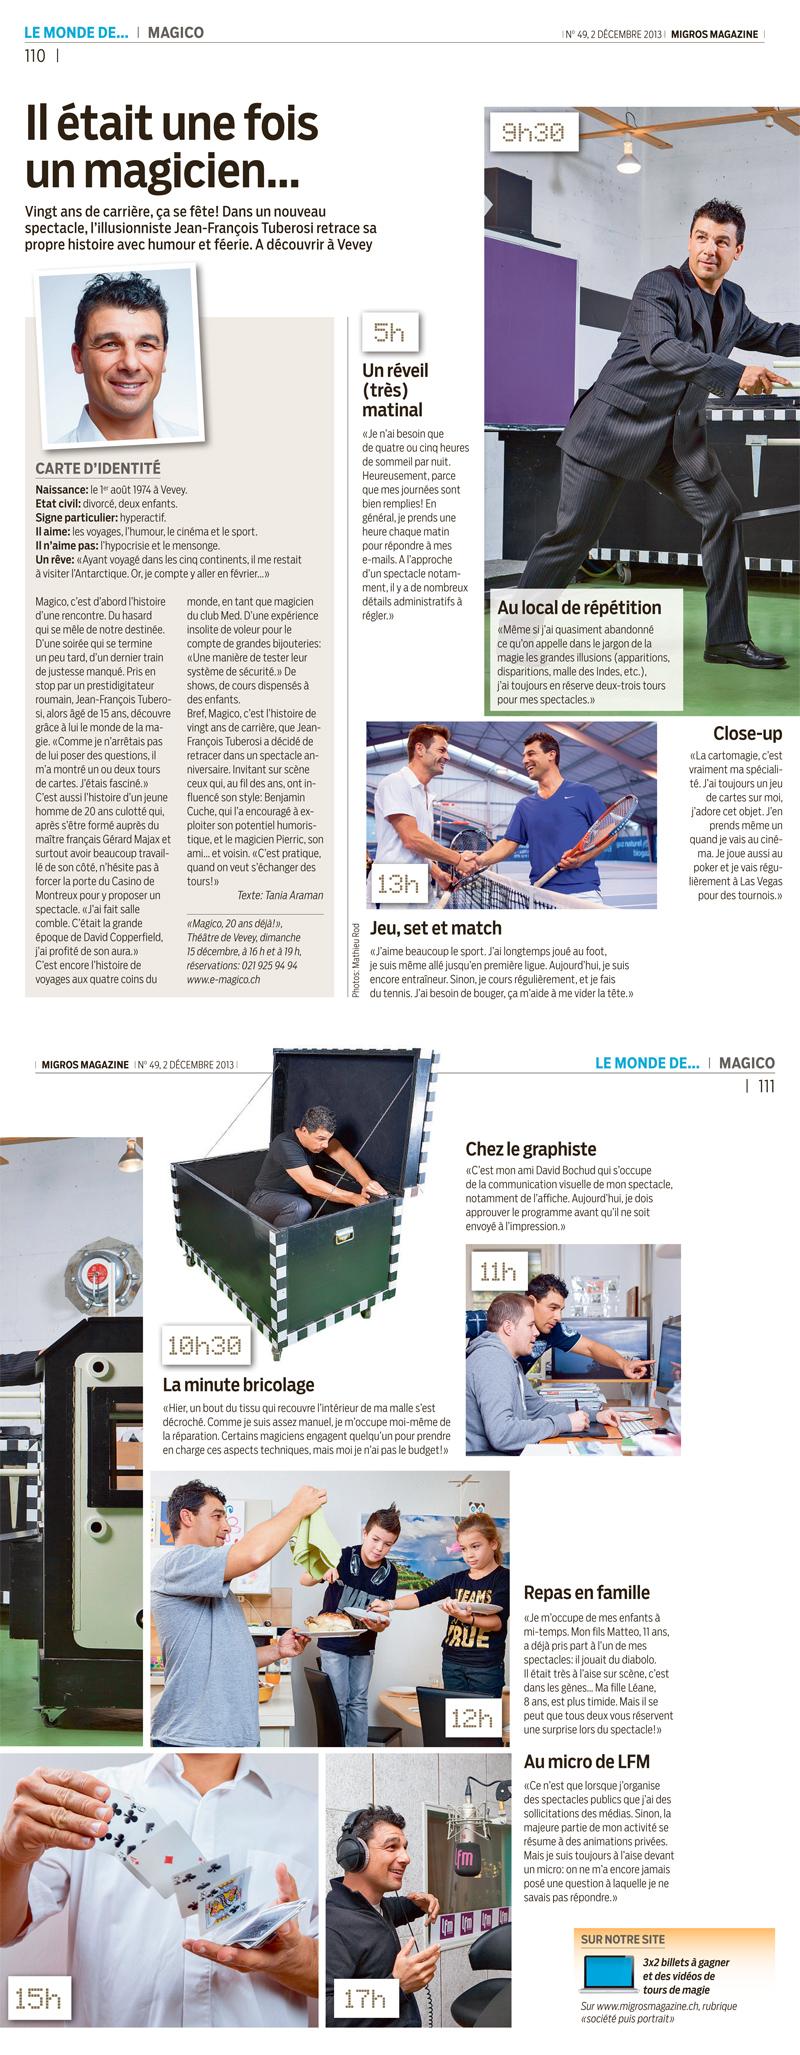 Migros Magazine 02-12-2013